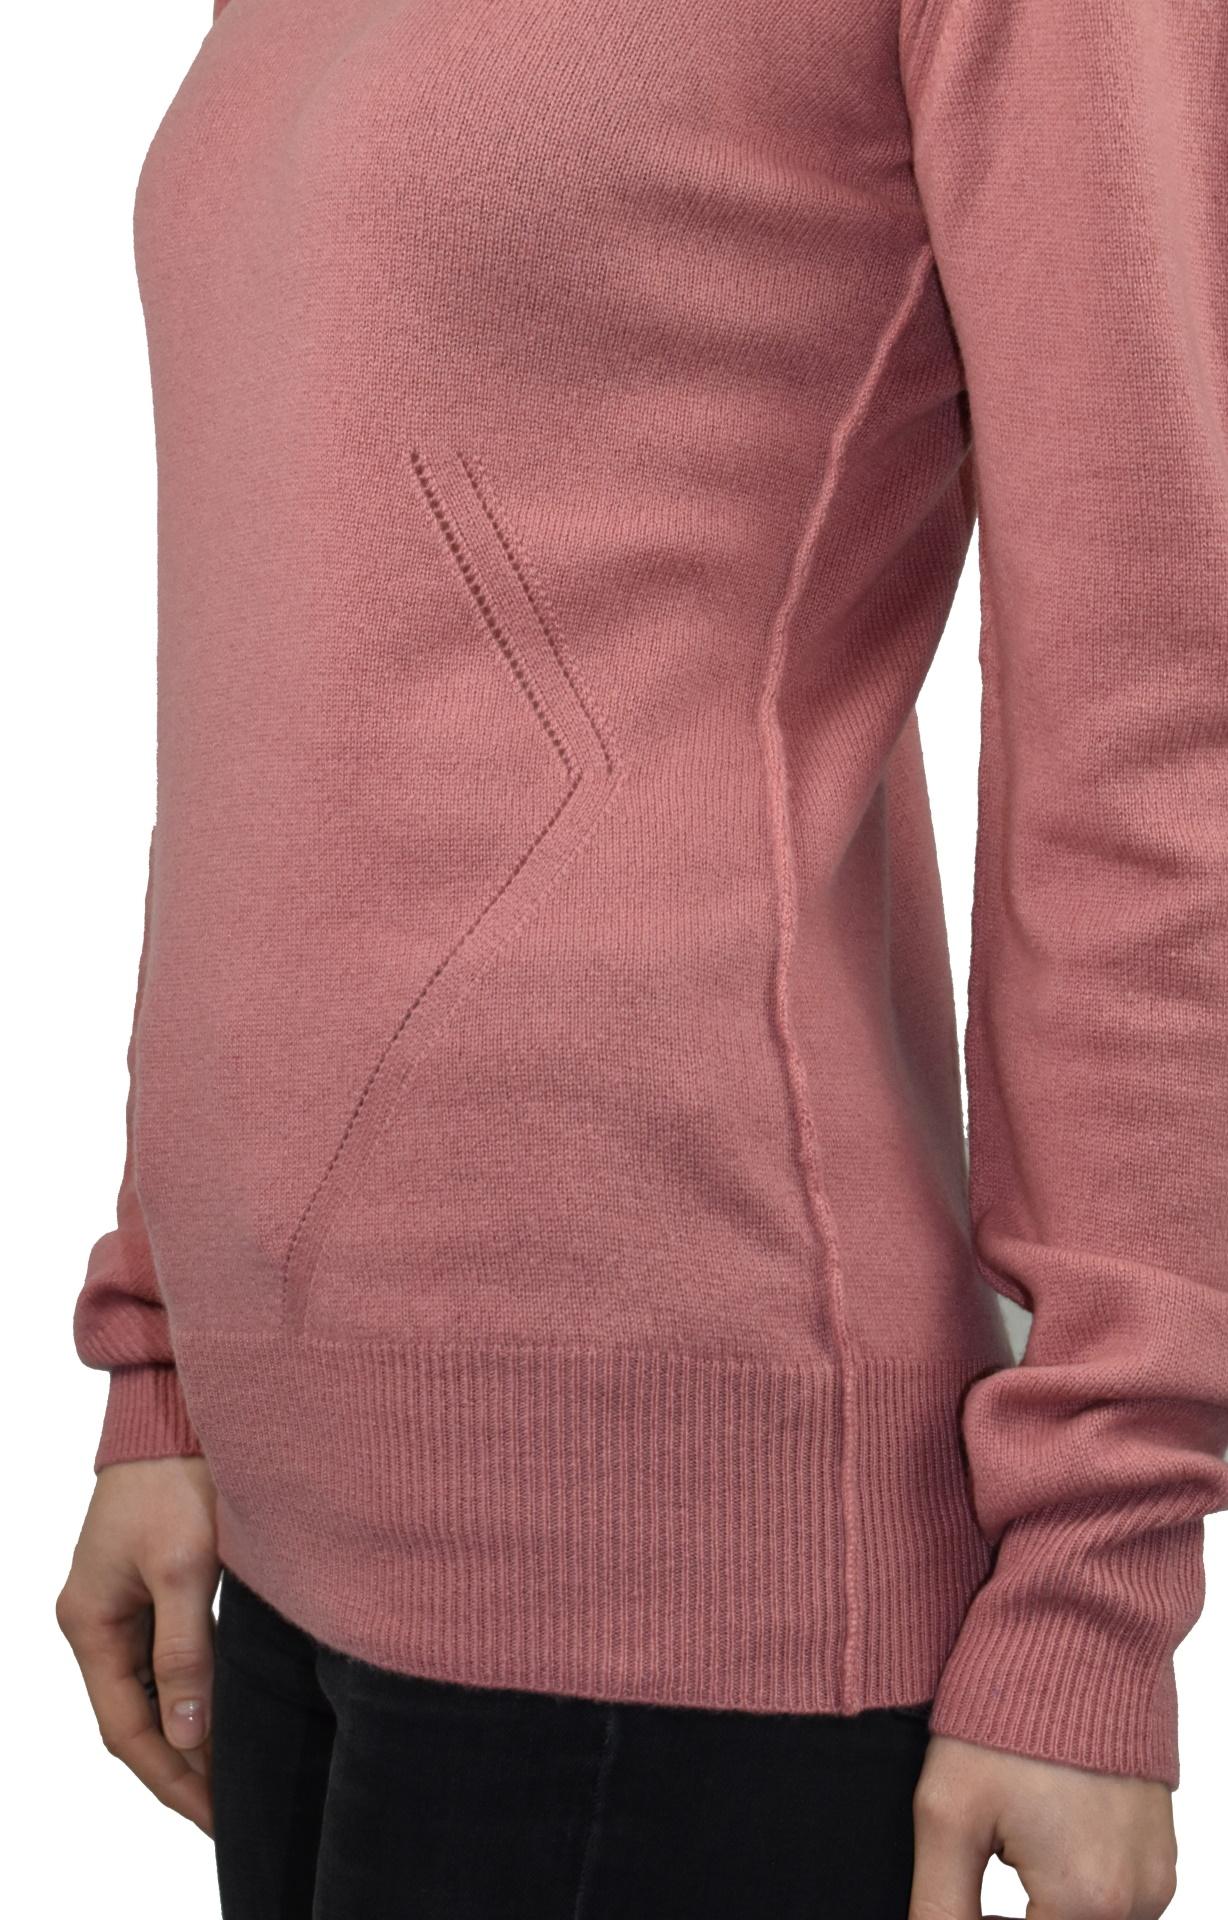 MAVISMBA ROSA MAGLIA DONNA GIROCOLLO 100 CASHMERE MANICA LUNGA 4 1stAmerican maglia girocollo 100% puro cashmere Made in Italy da donna con lavorazione traforata - finezza 12